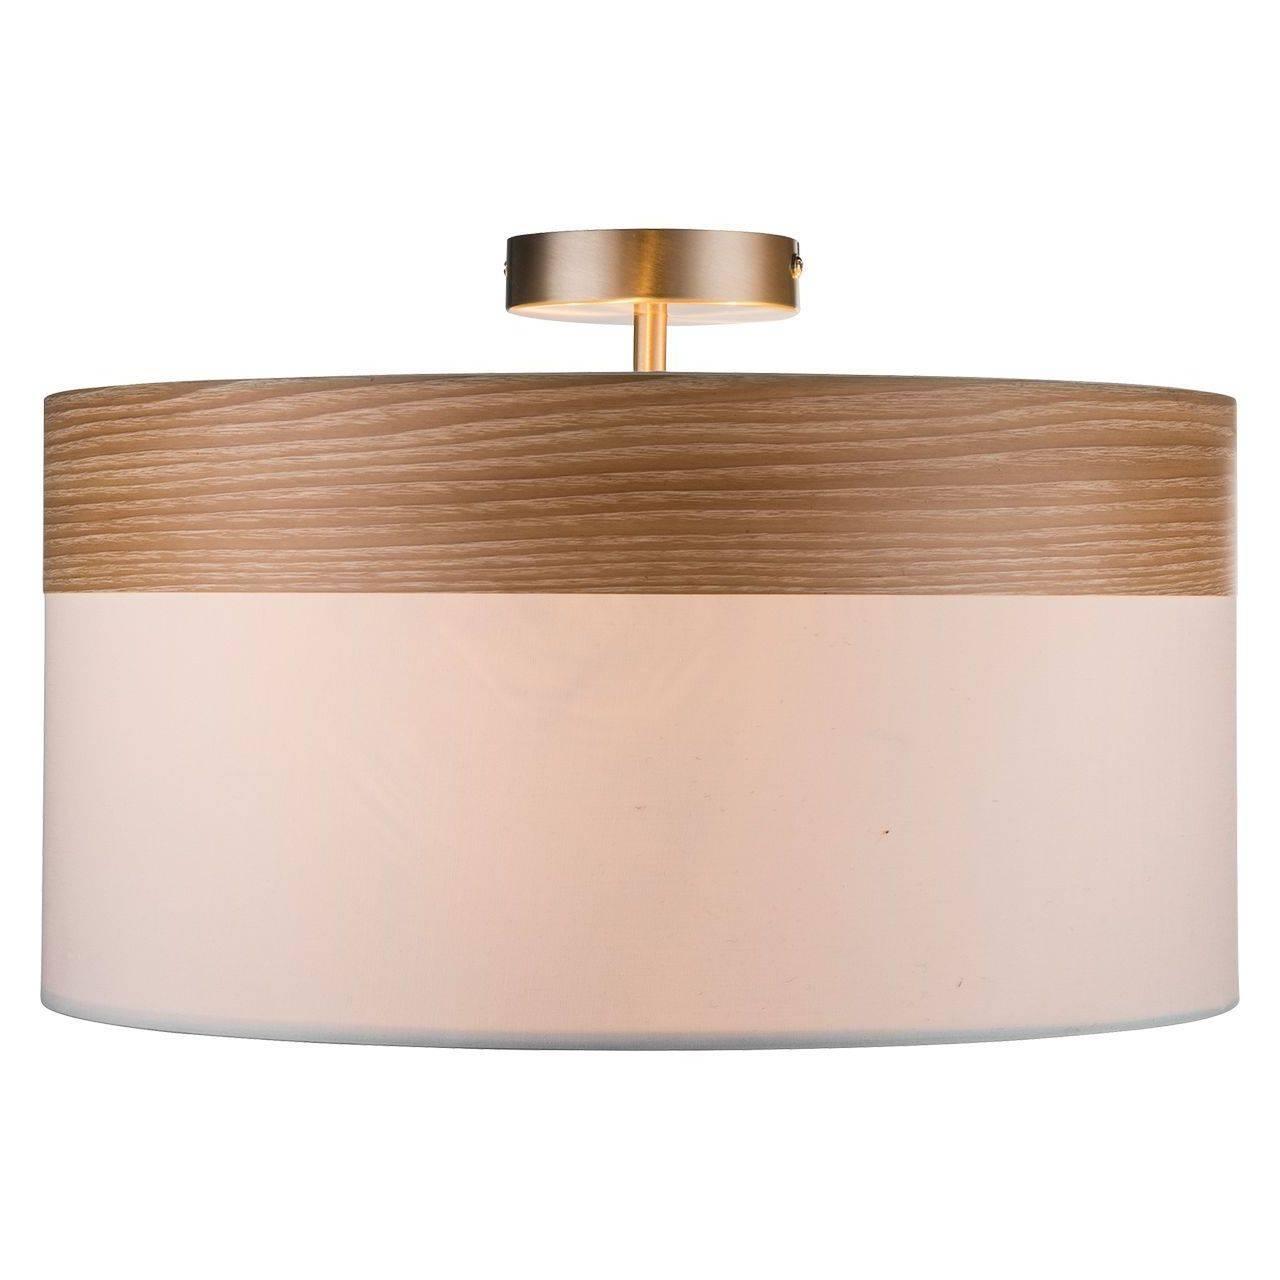 Купить Потолочный светильник Globo Chipsy, inmyroom, Австрия